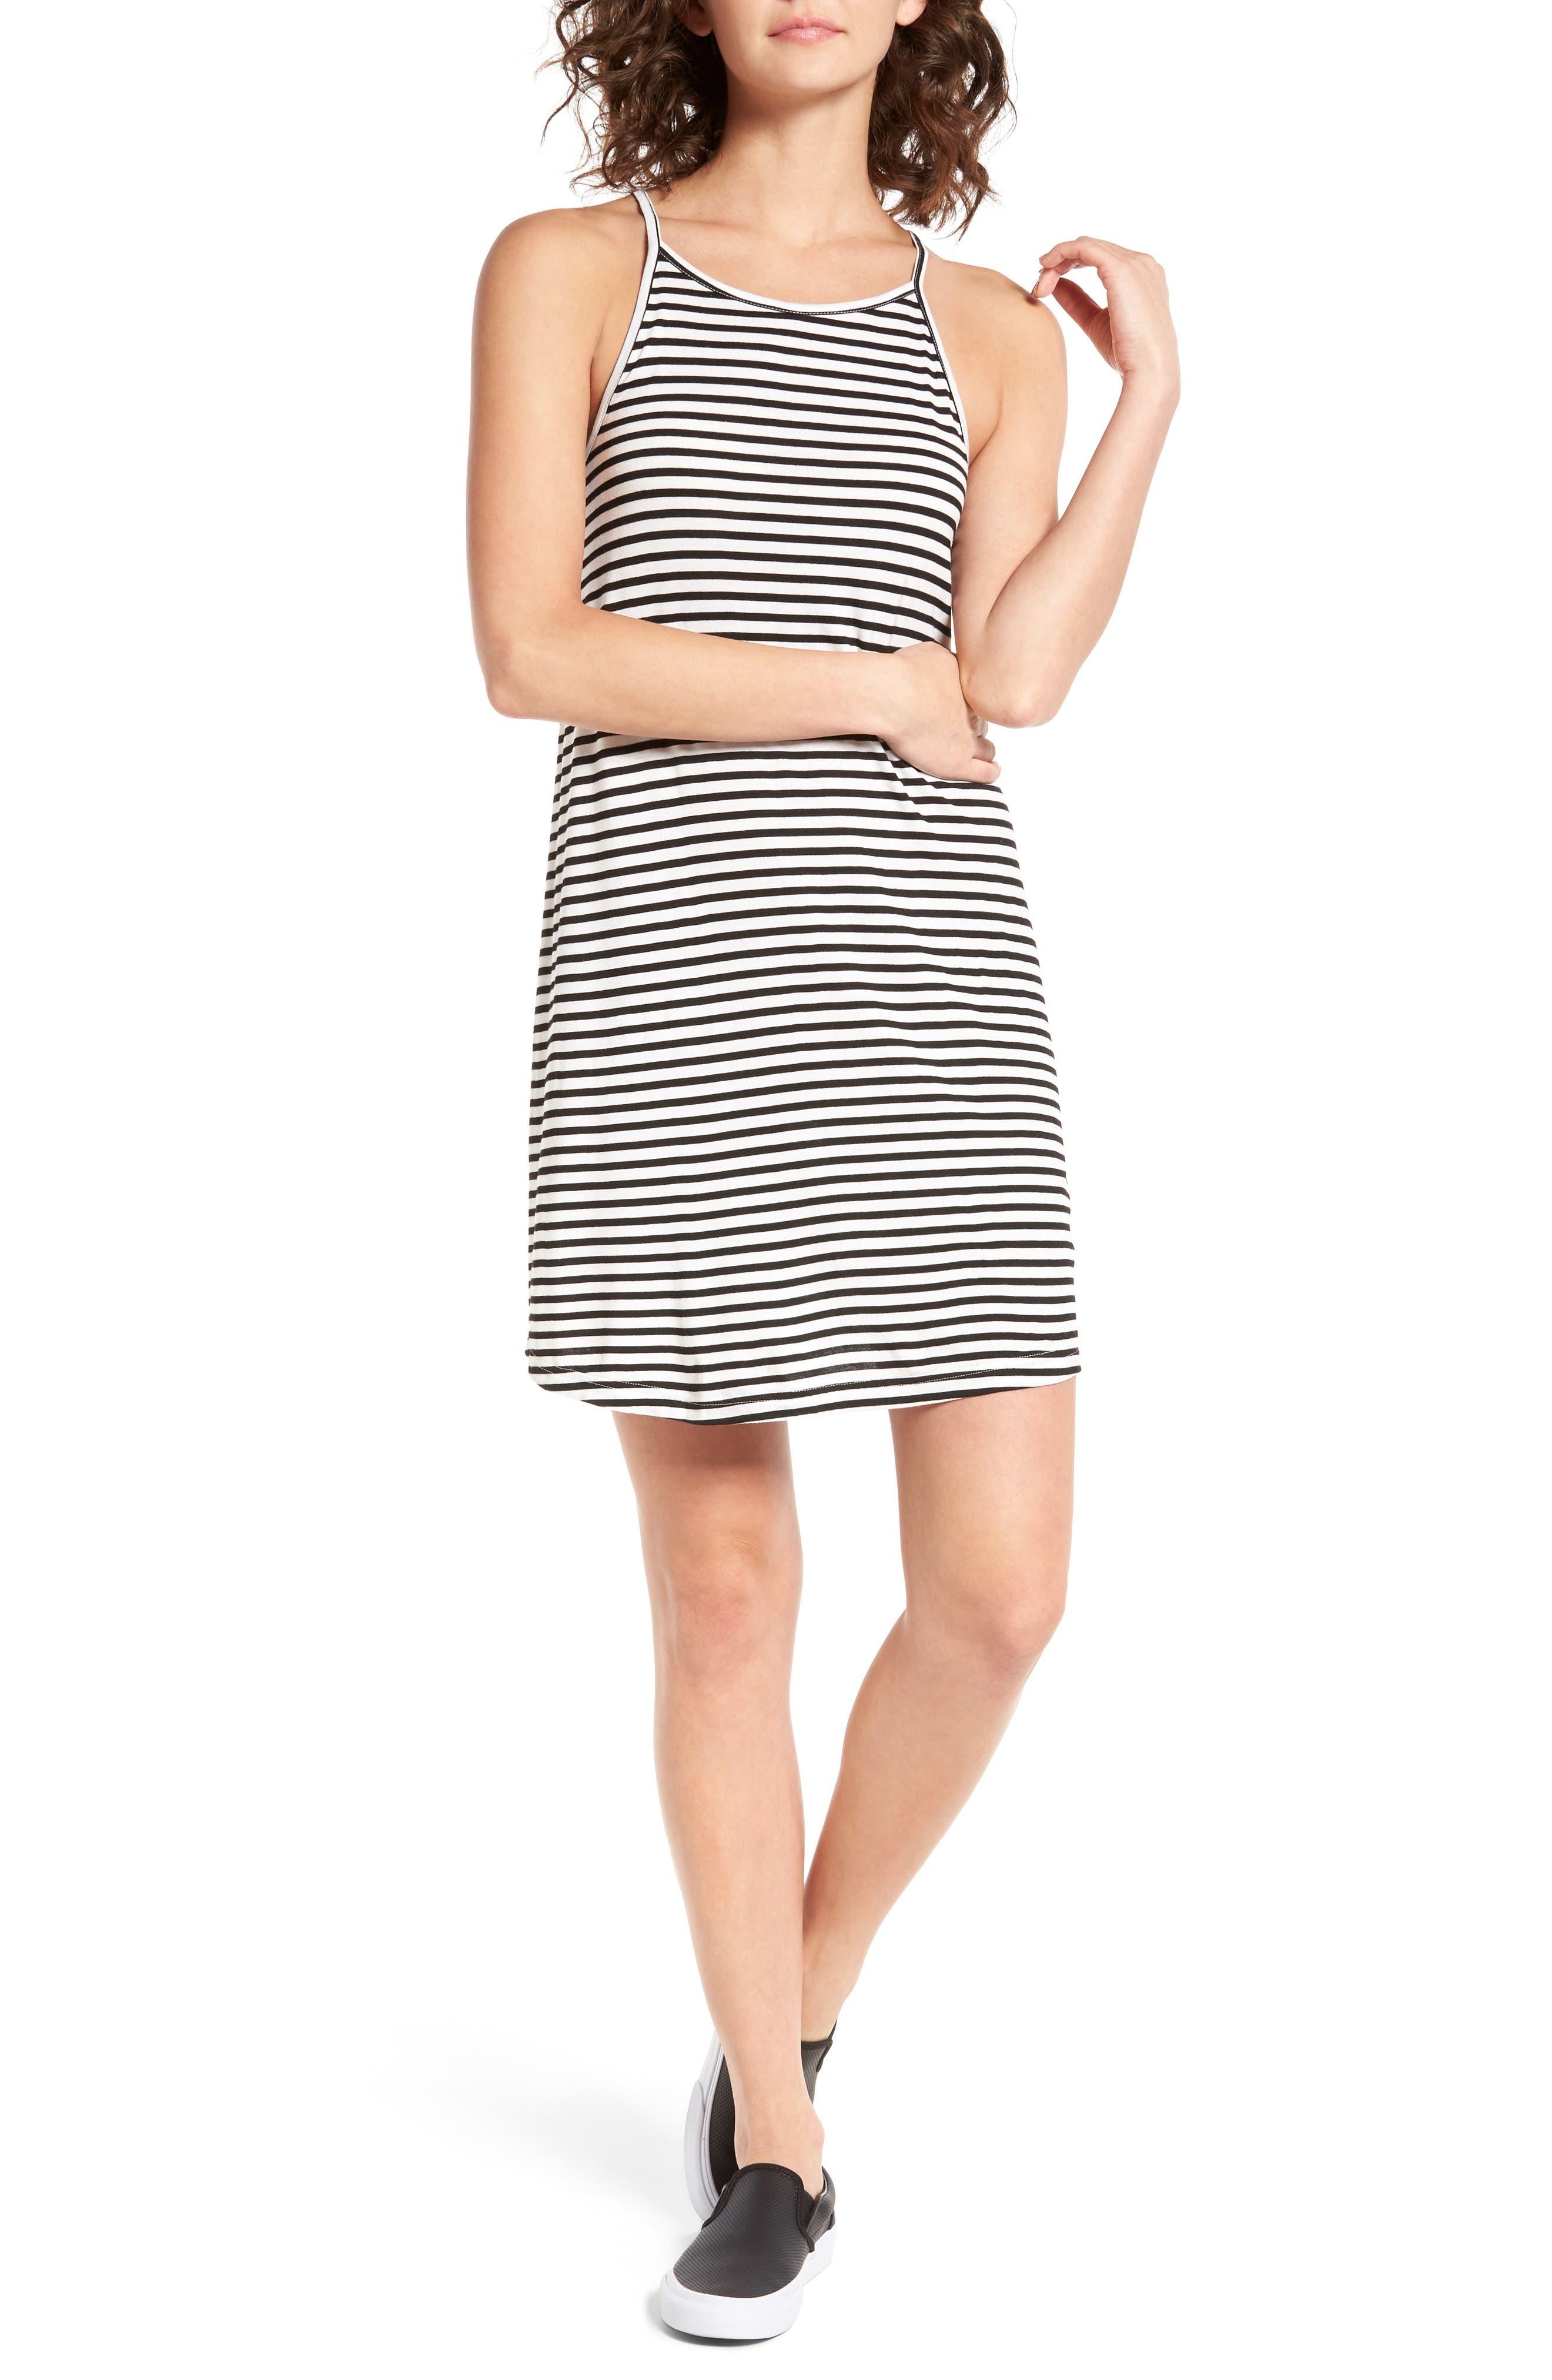 ROXY I Did Didnt Stripe Dress